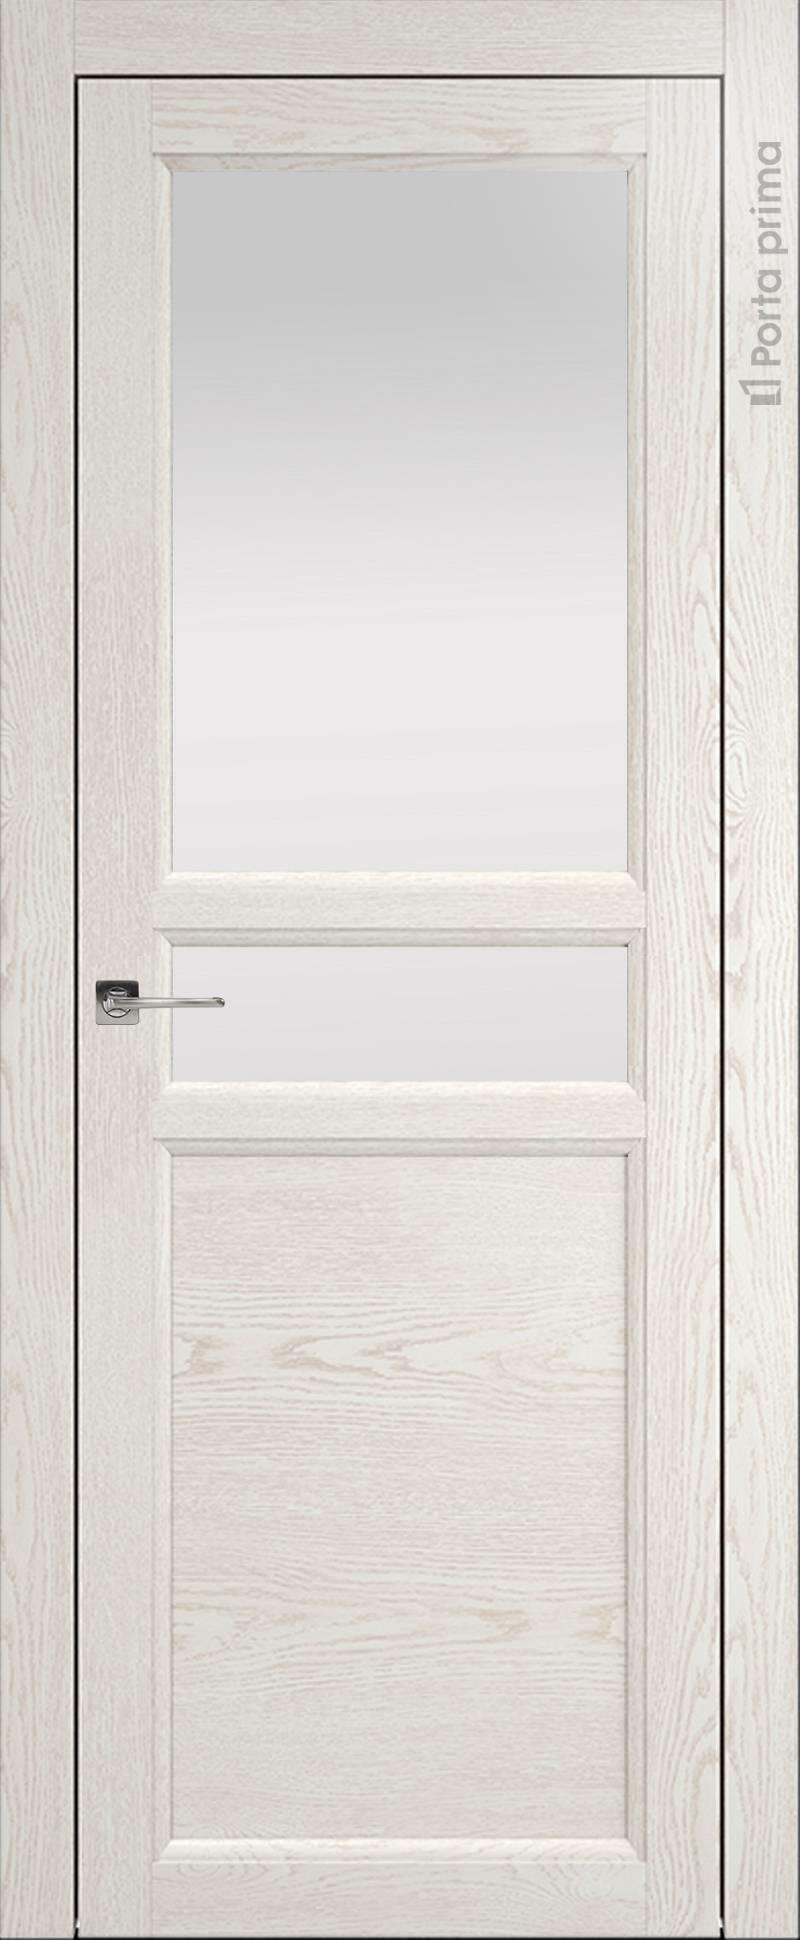 Sorrento-R Д2 цвет - Белый ясень (nano-flex) Со стеклом (ДО)